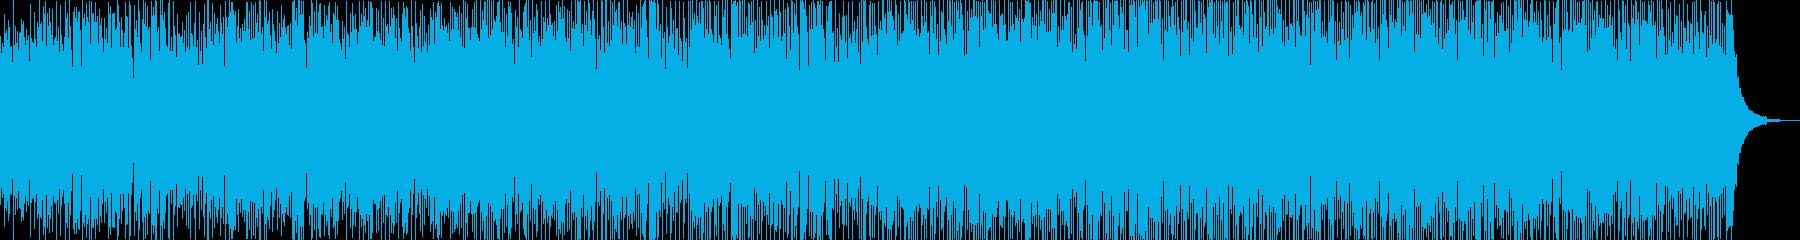 エルトンジョン風のウエディングバラードの再生済みの波形